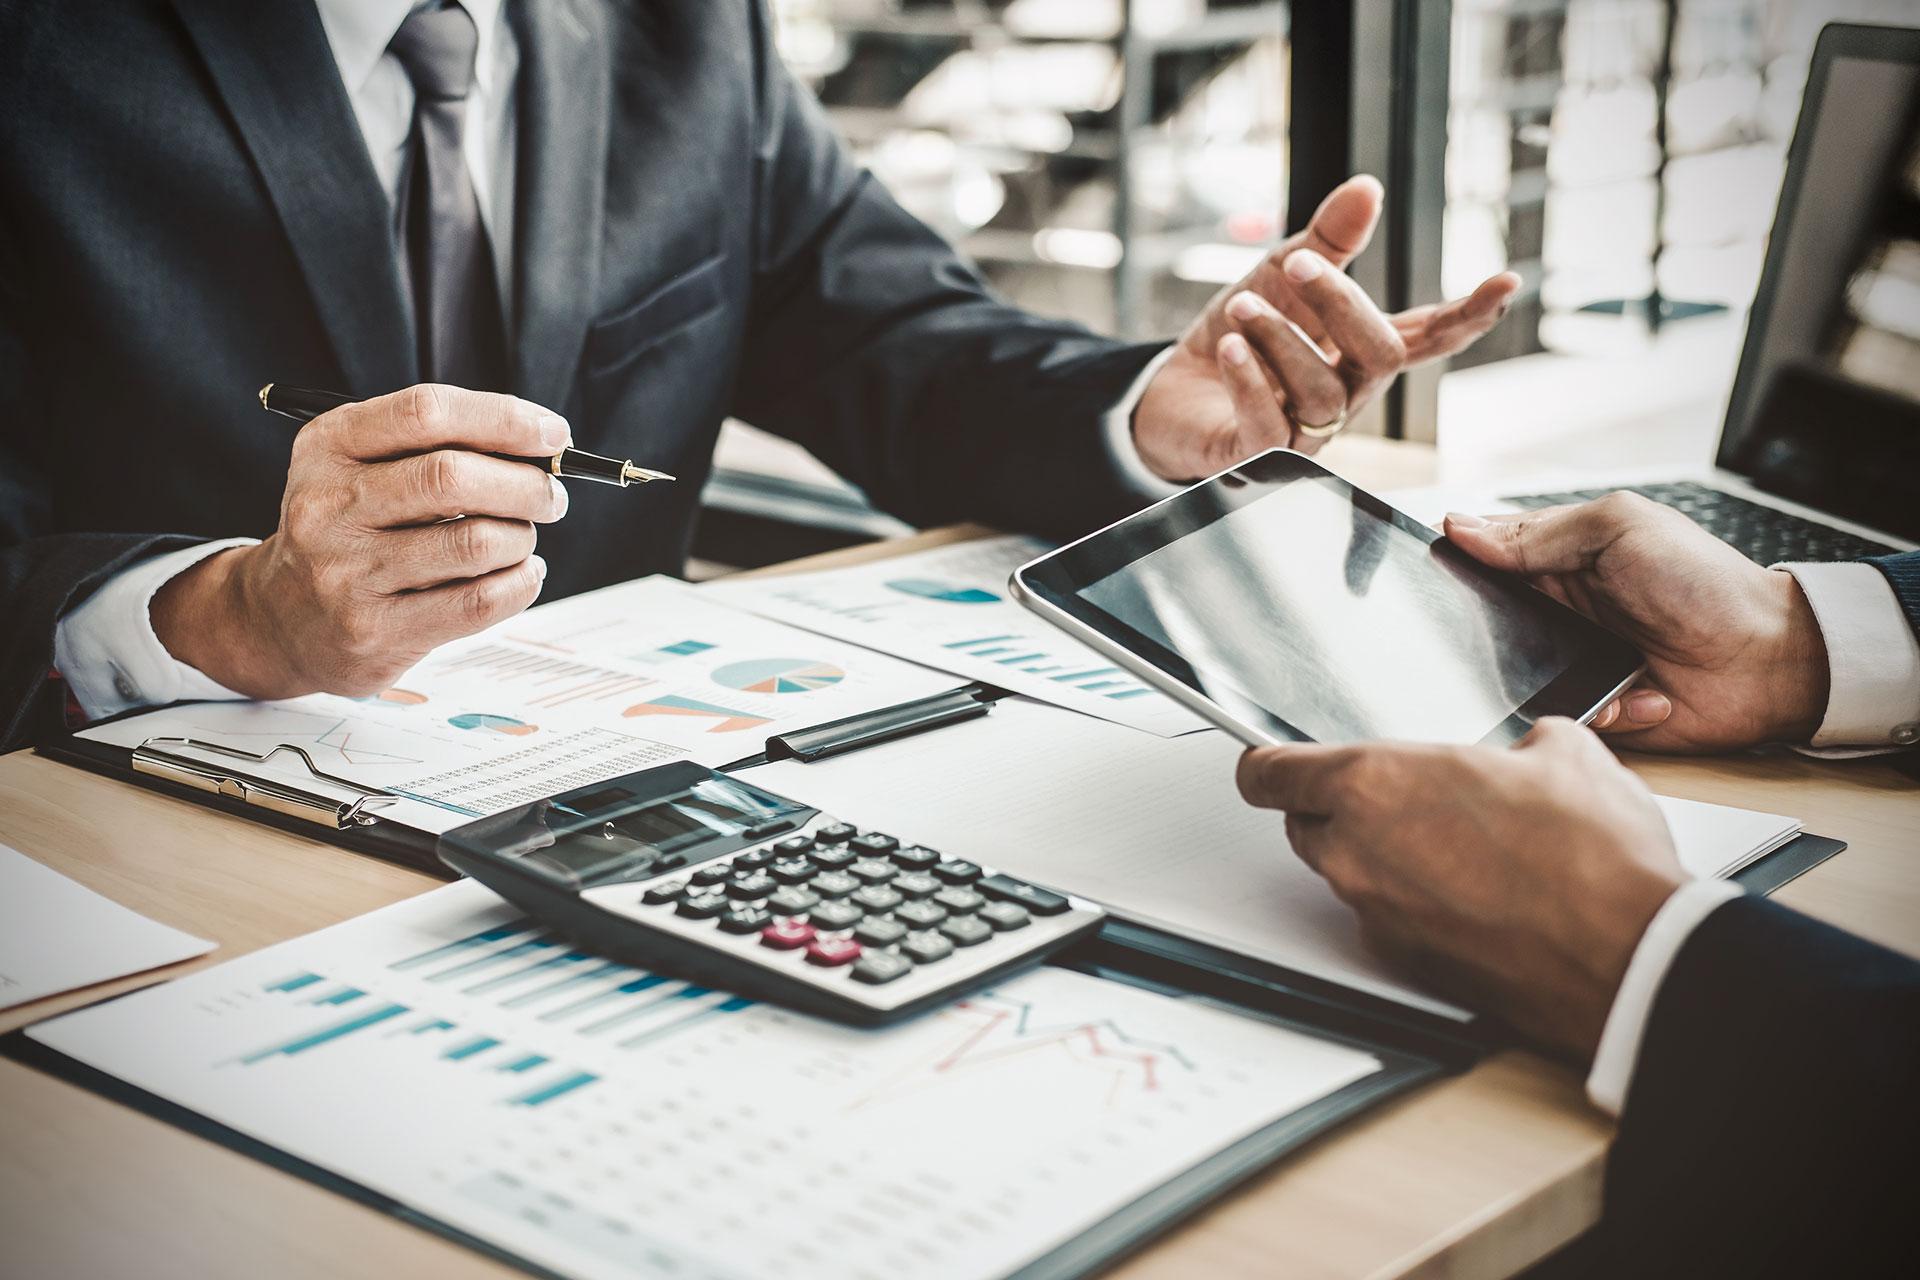 apis-servizi-di-finanza-e-consulenza-su-misura-per-i-clienti